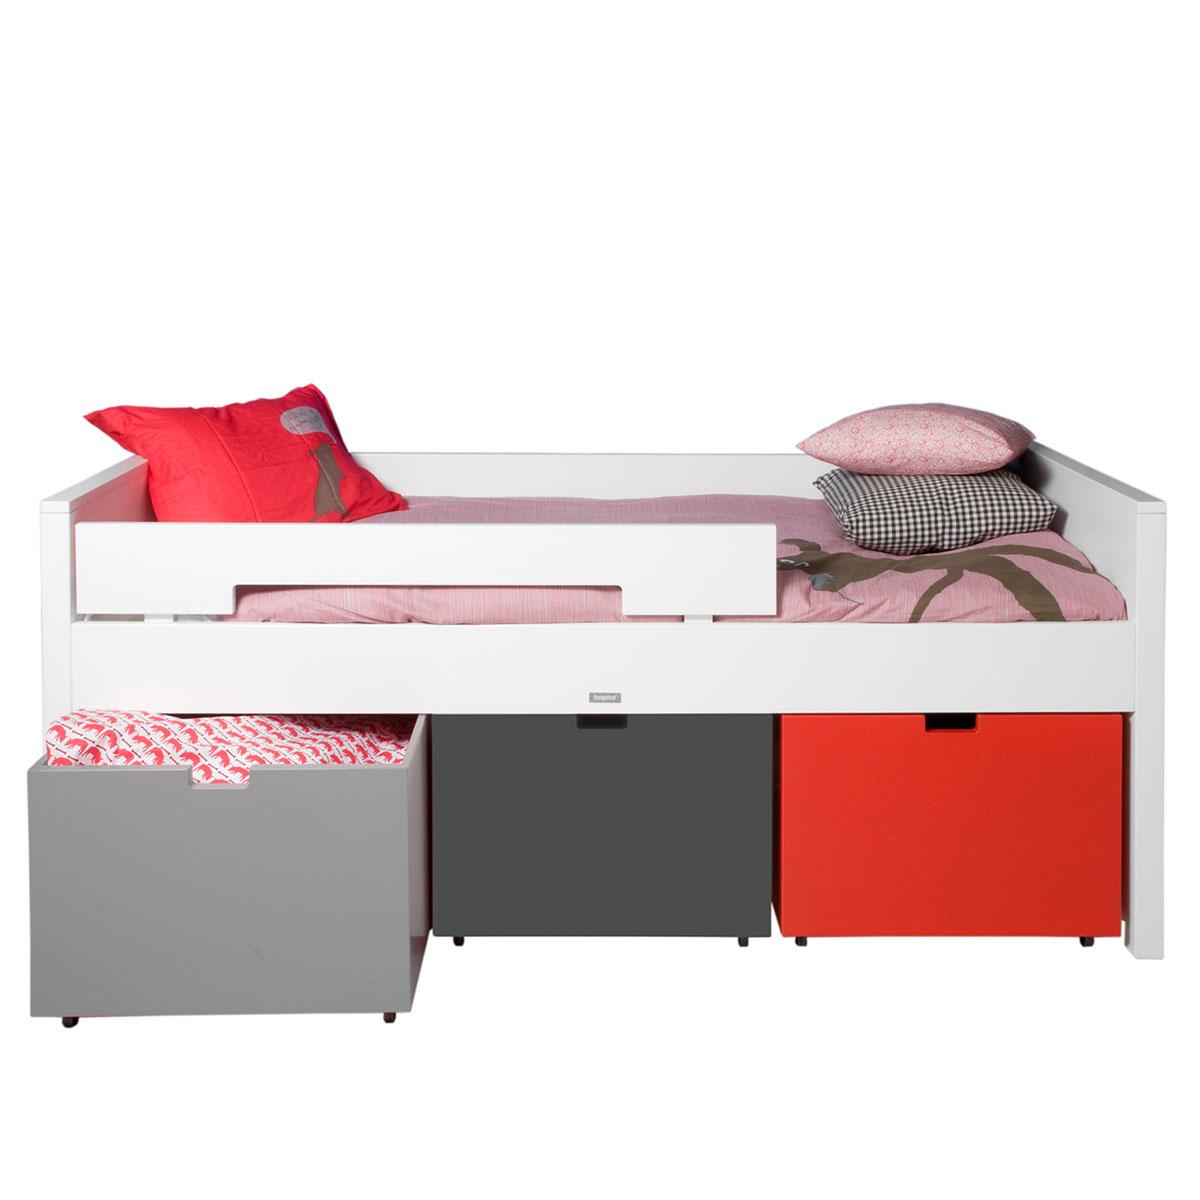 Full Size of Bopita Bettschublade Belle Miand Match Jetzt Gnstig Online Bestellen Bett Wohnzimmer Bopita Bettschublade